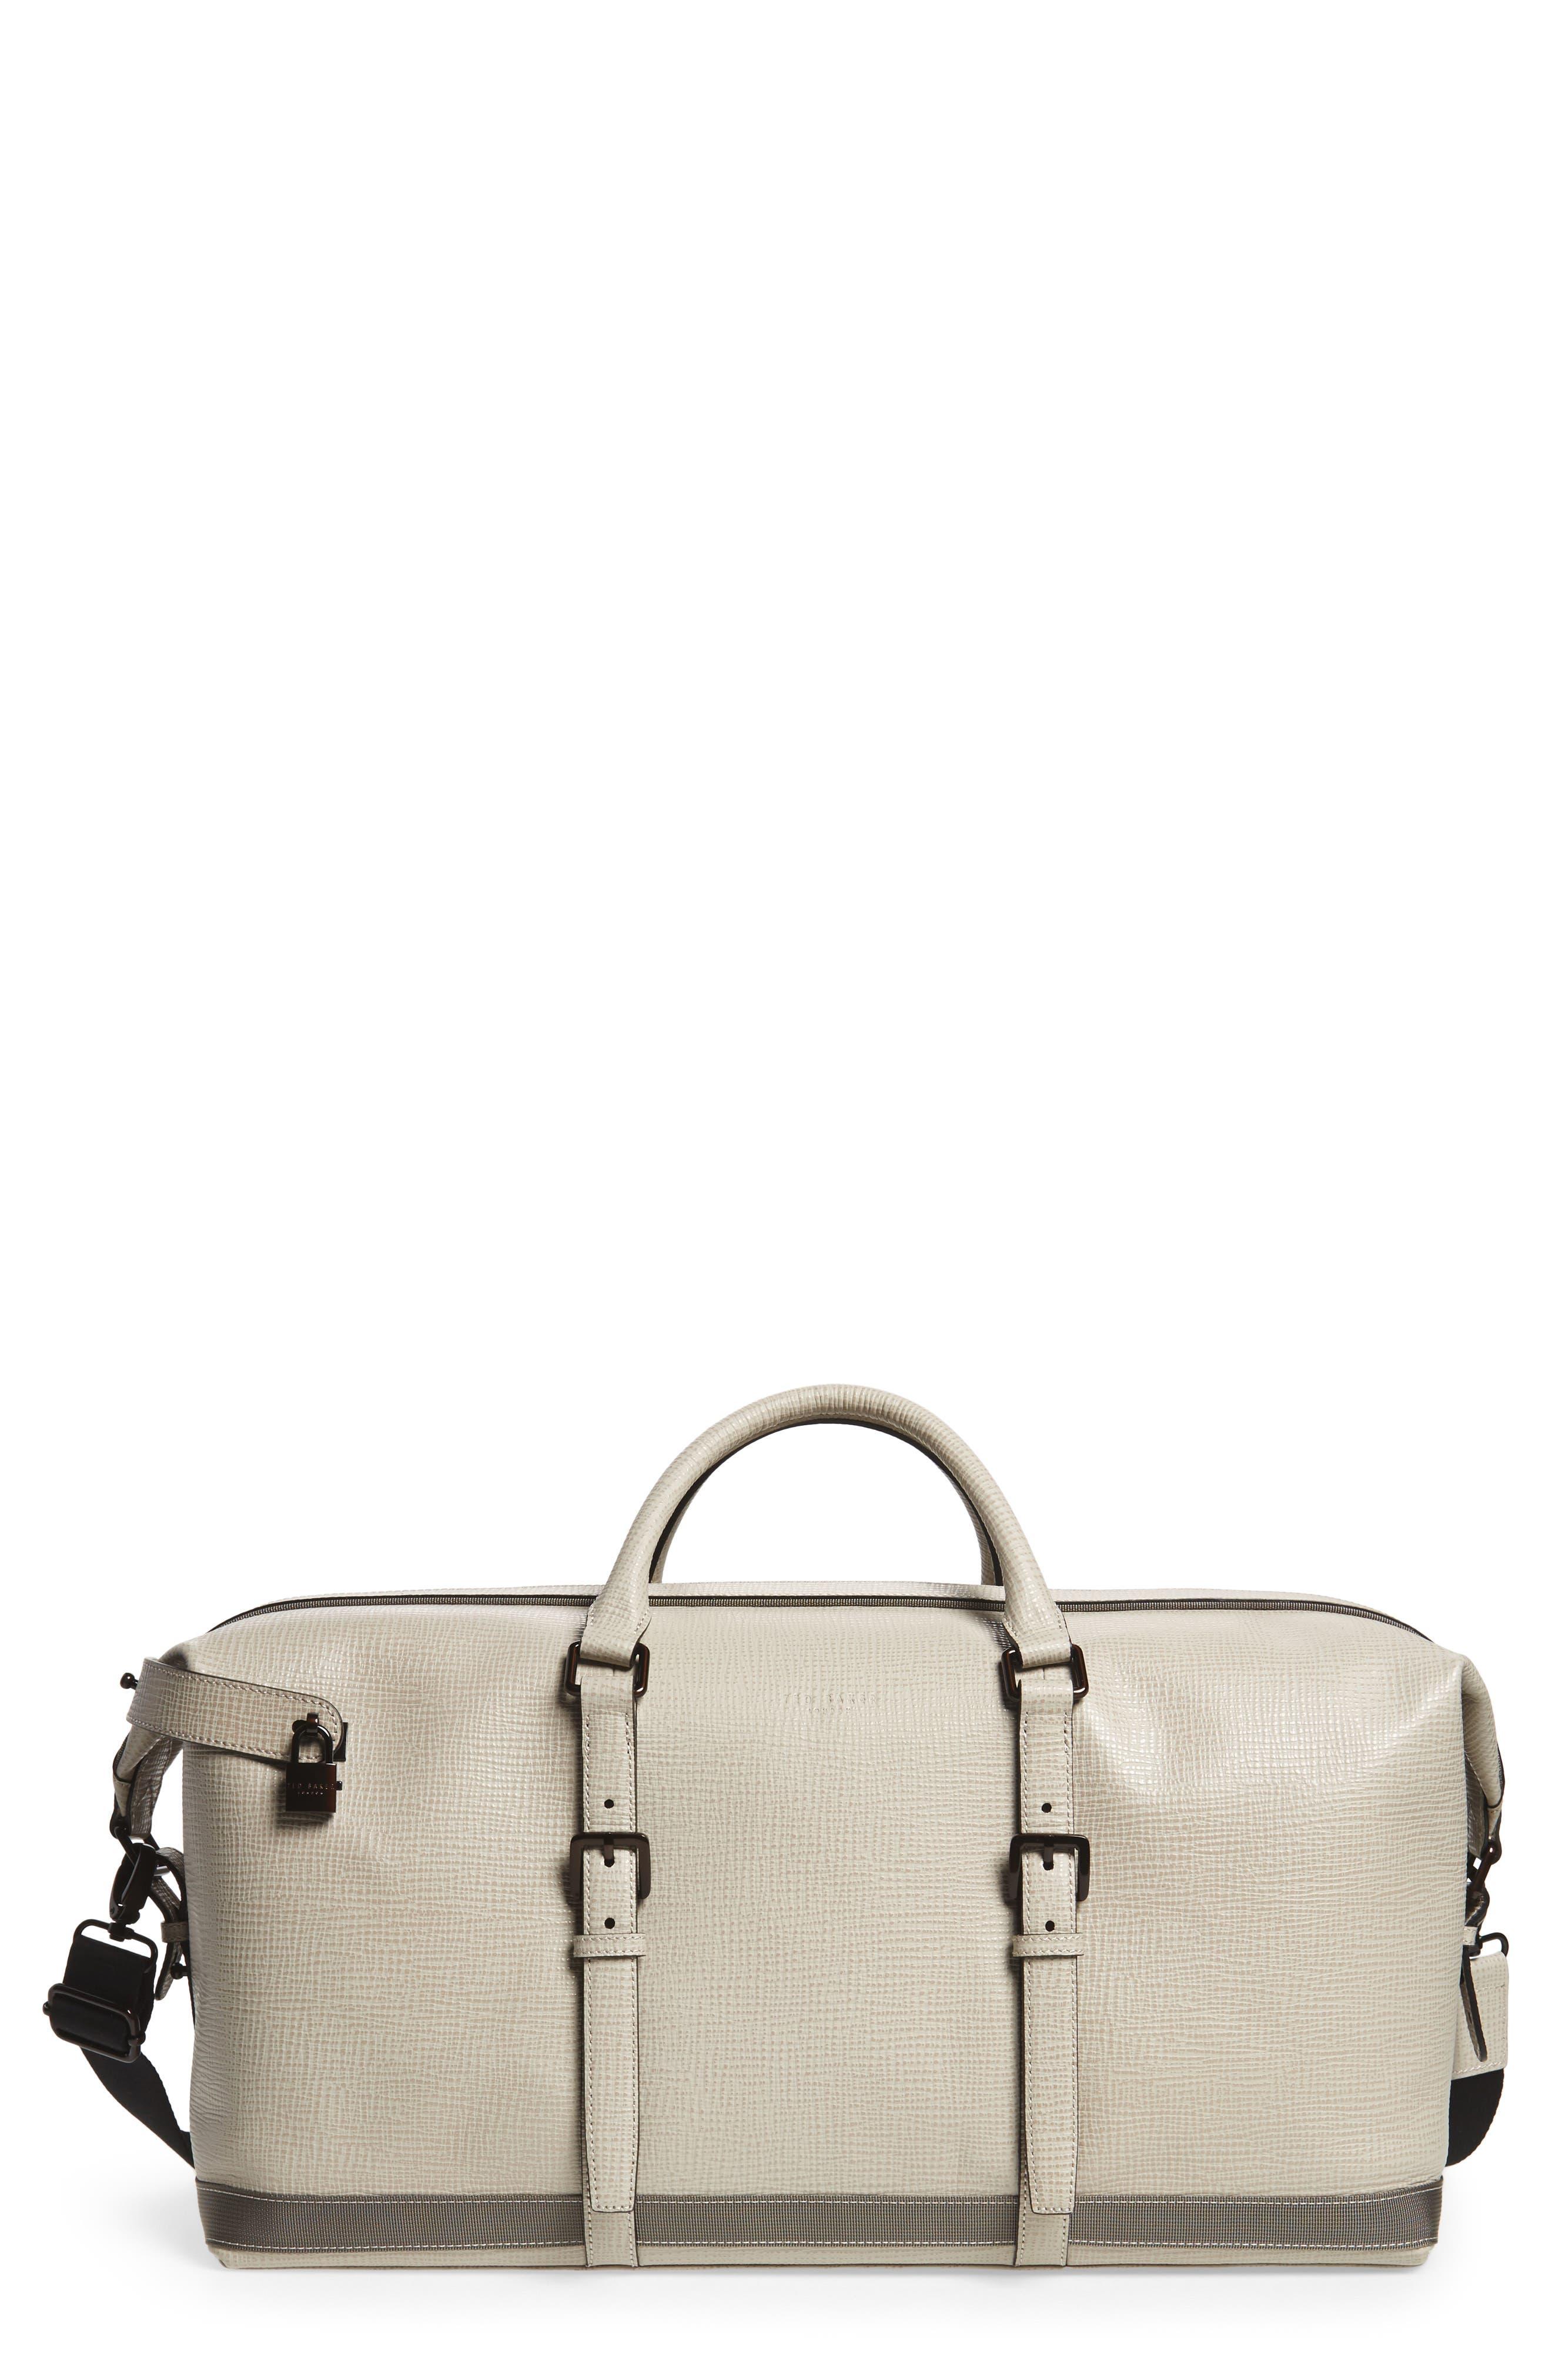 Ragmar Palmelato Holdall Duffel Bag,                         Main,                         color, Natural